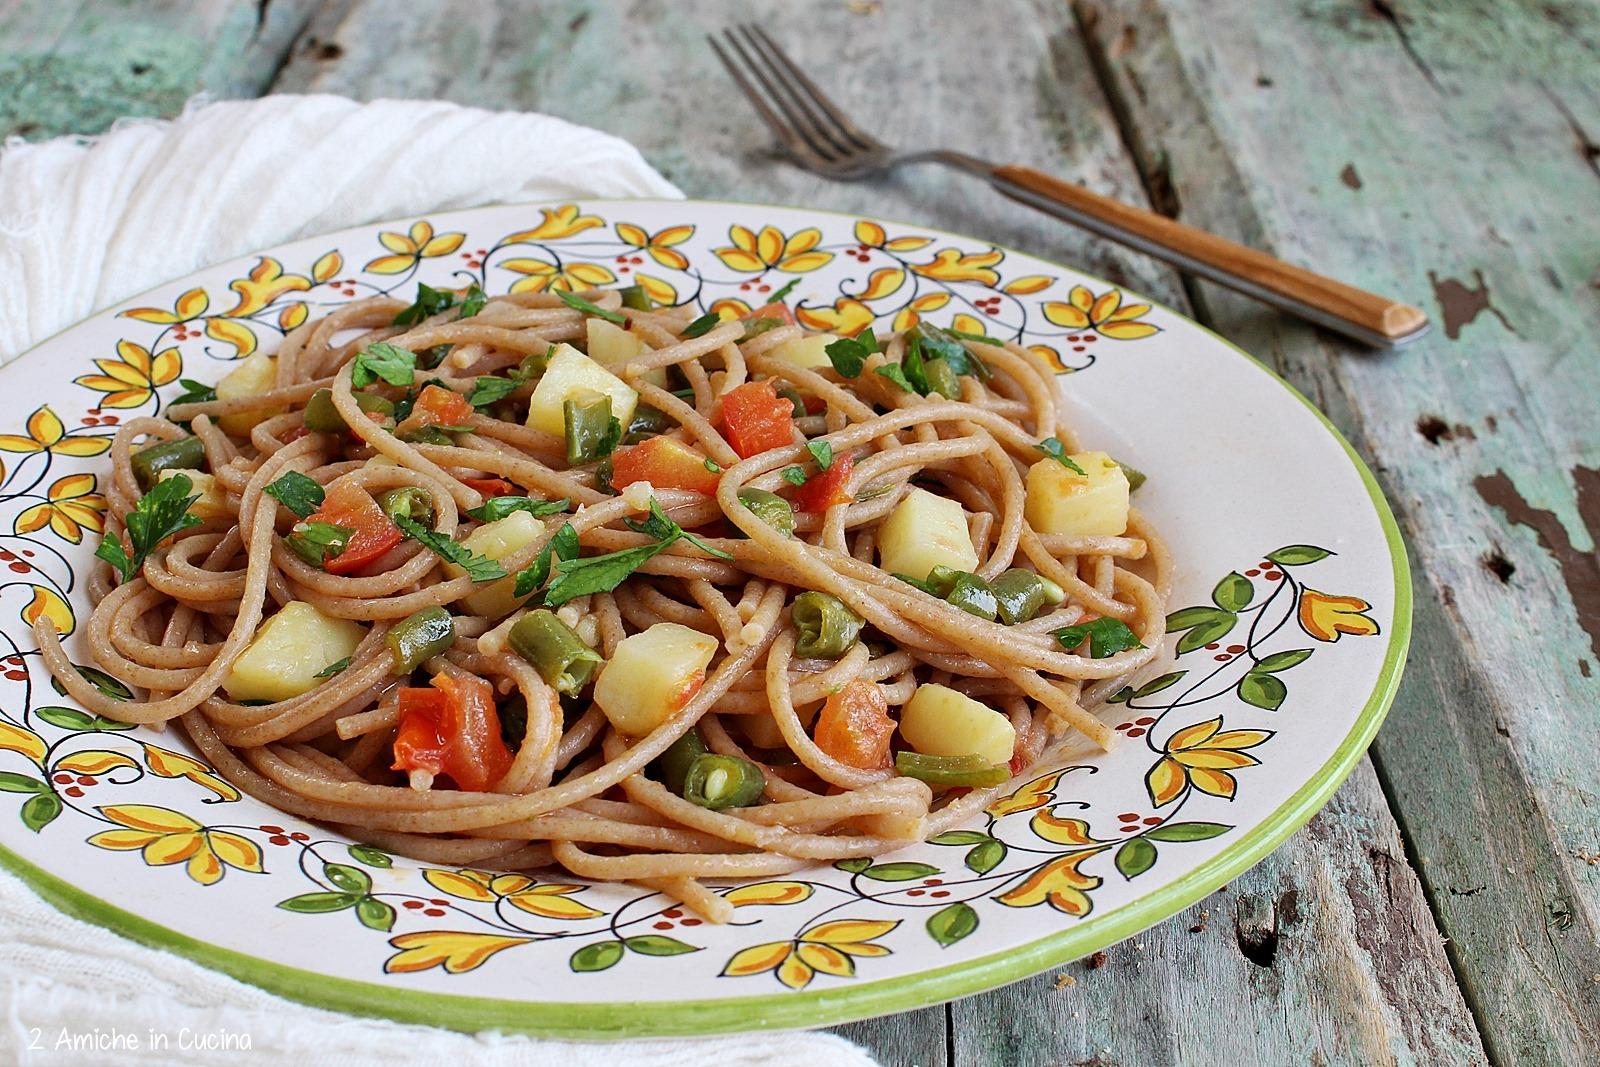 primo piatto con pasta e verdure